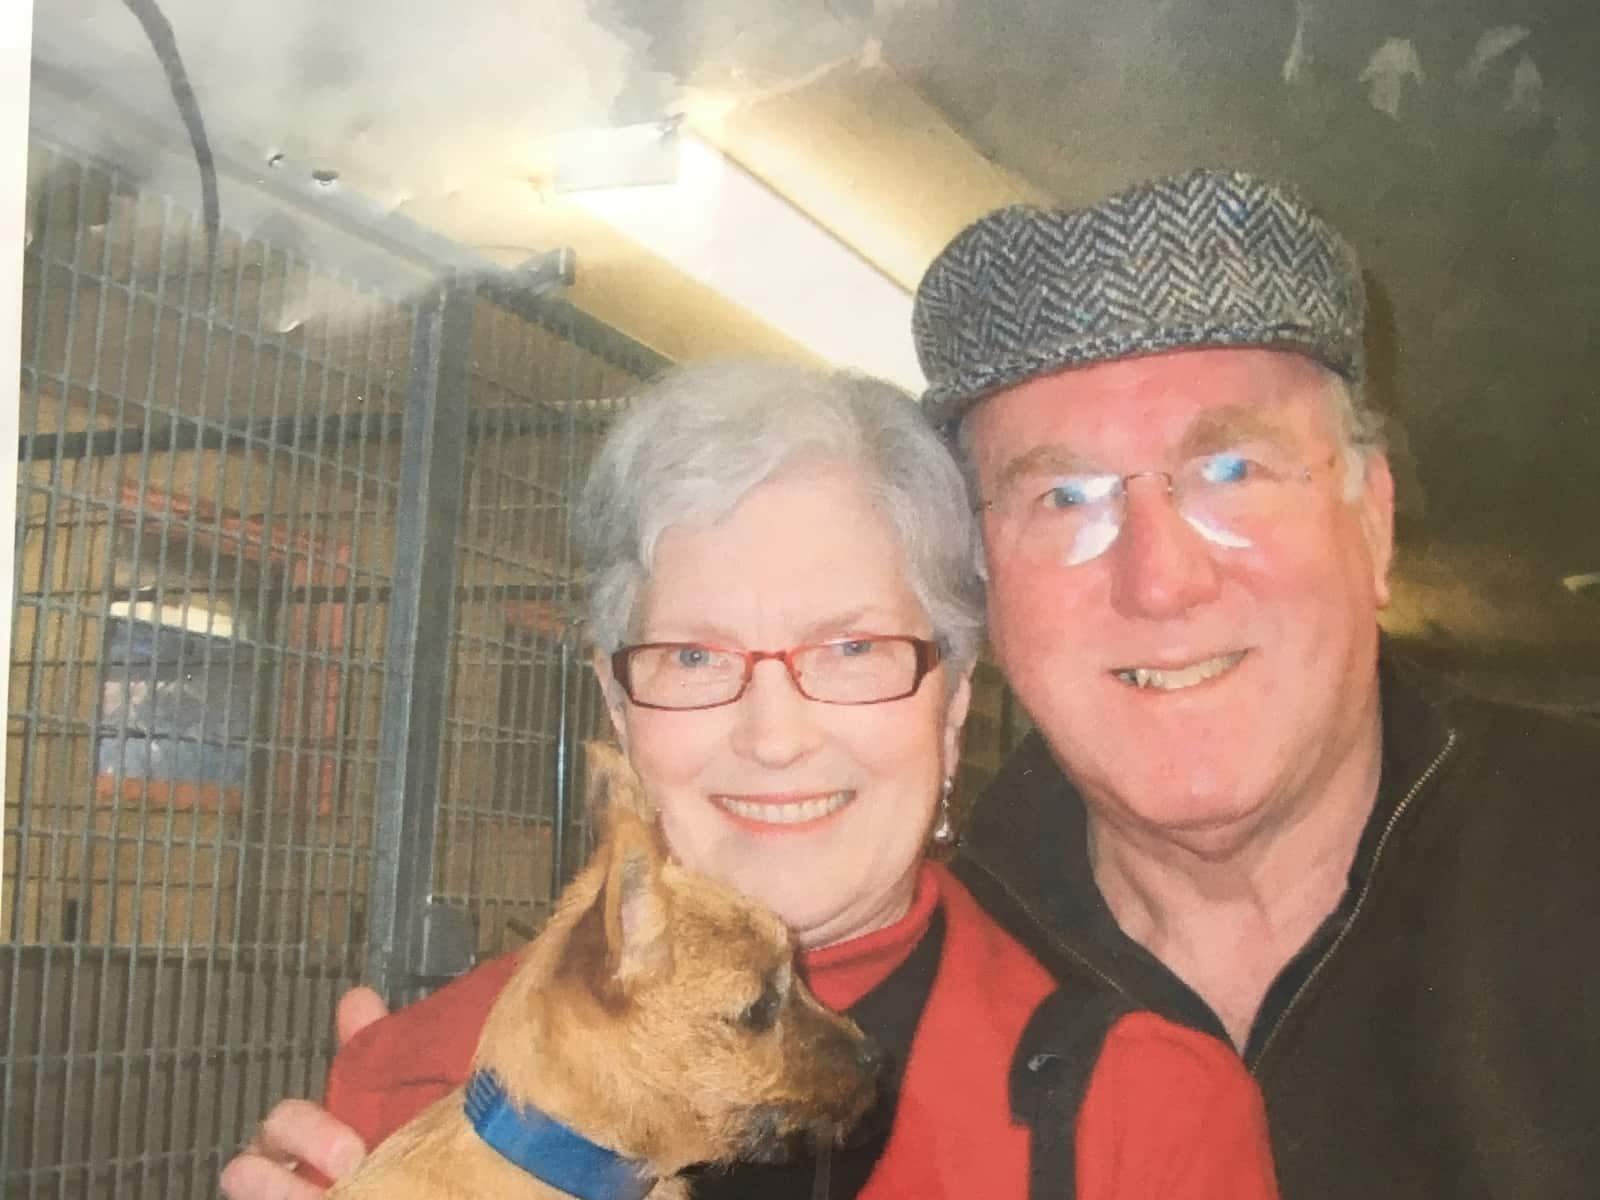 Robin & Craig from Seattle, Washington, United States